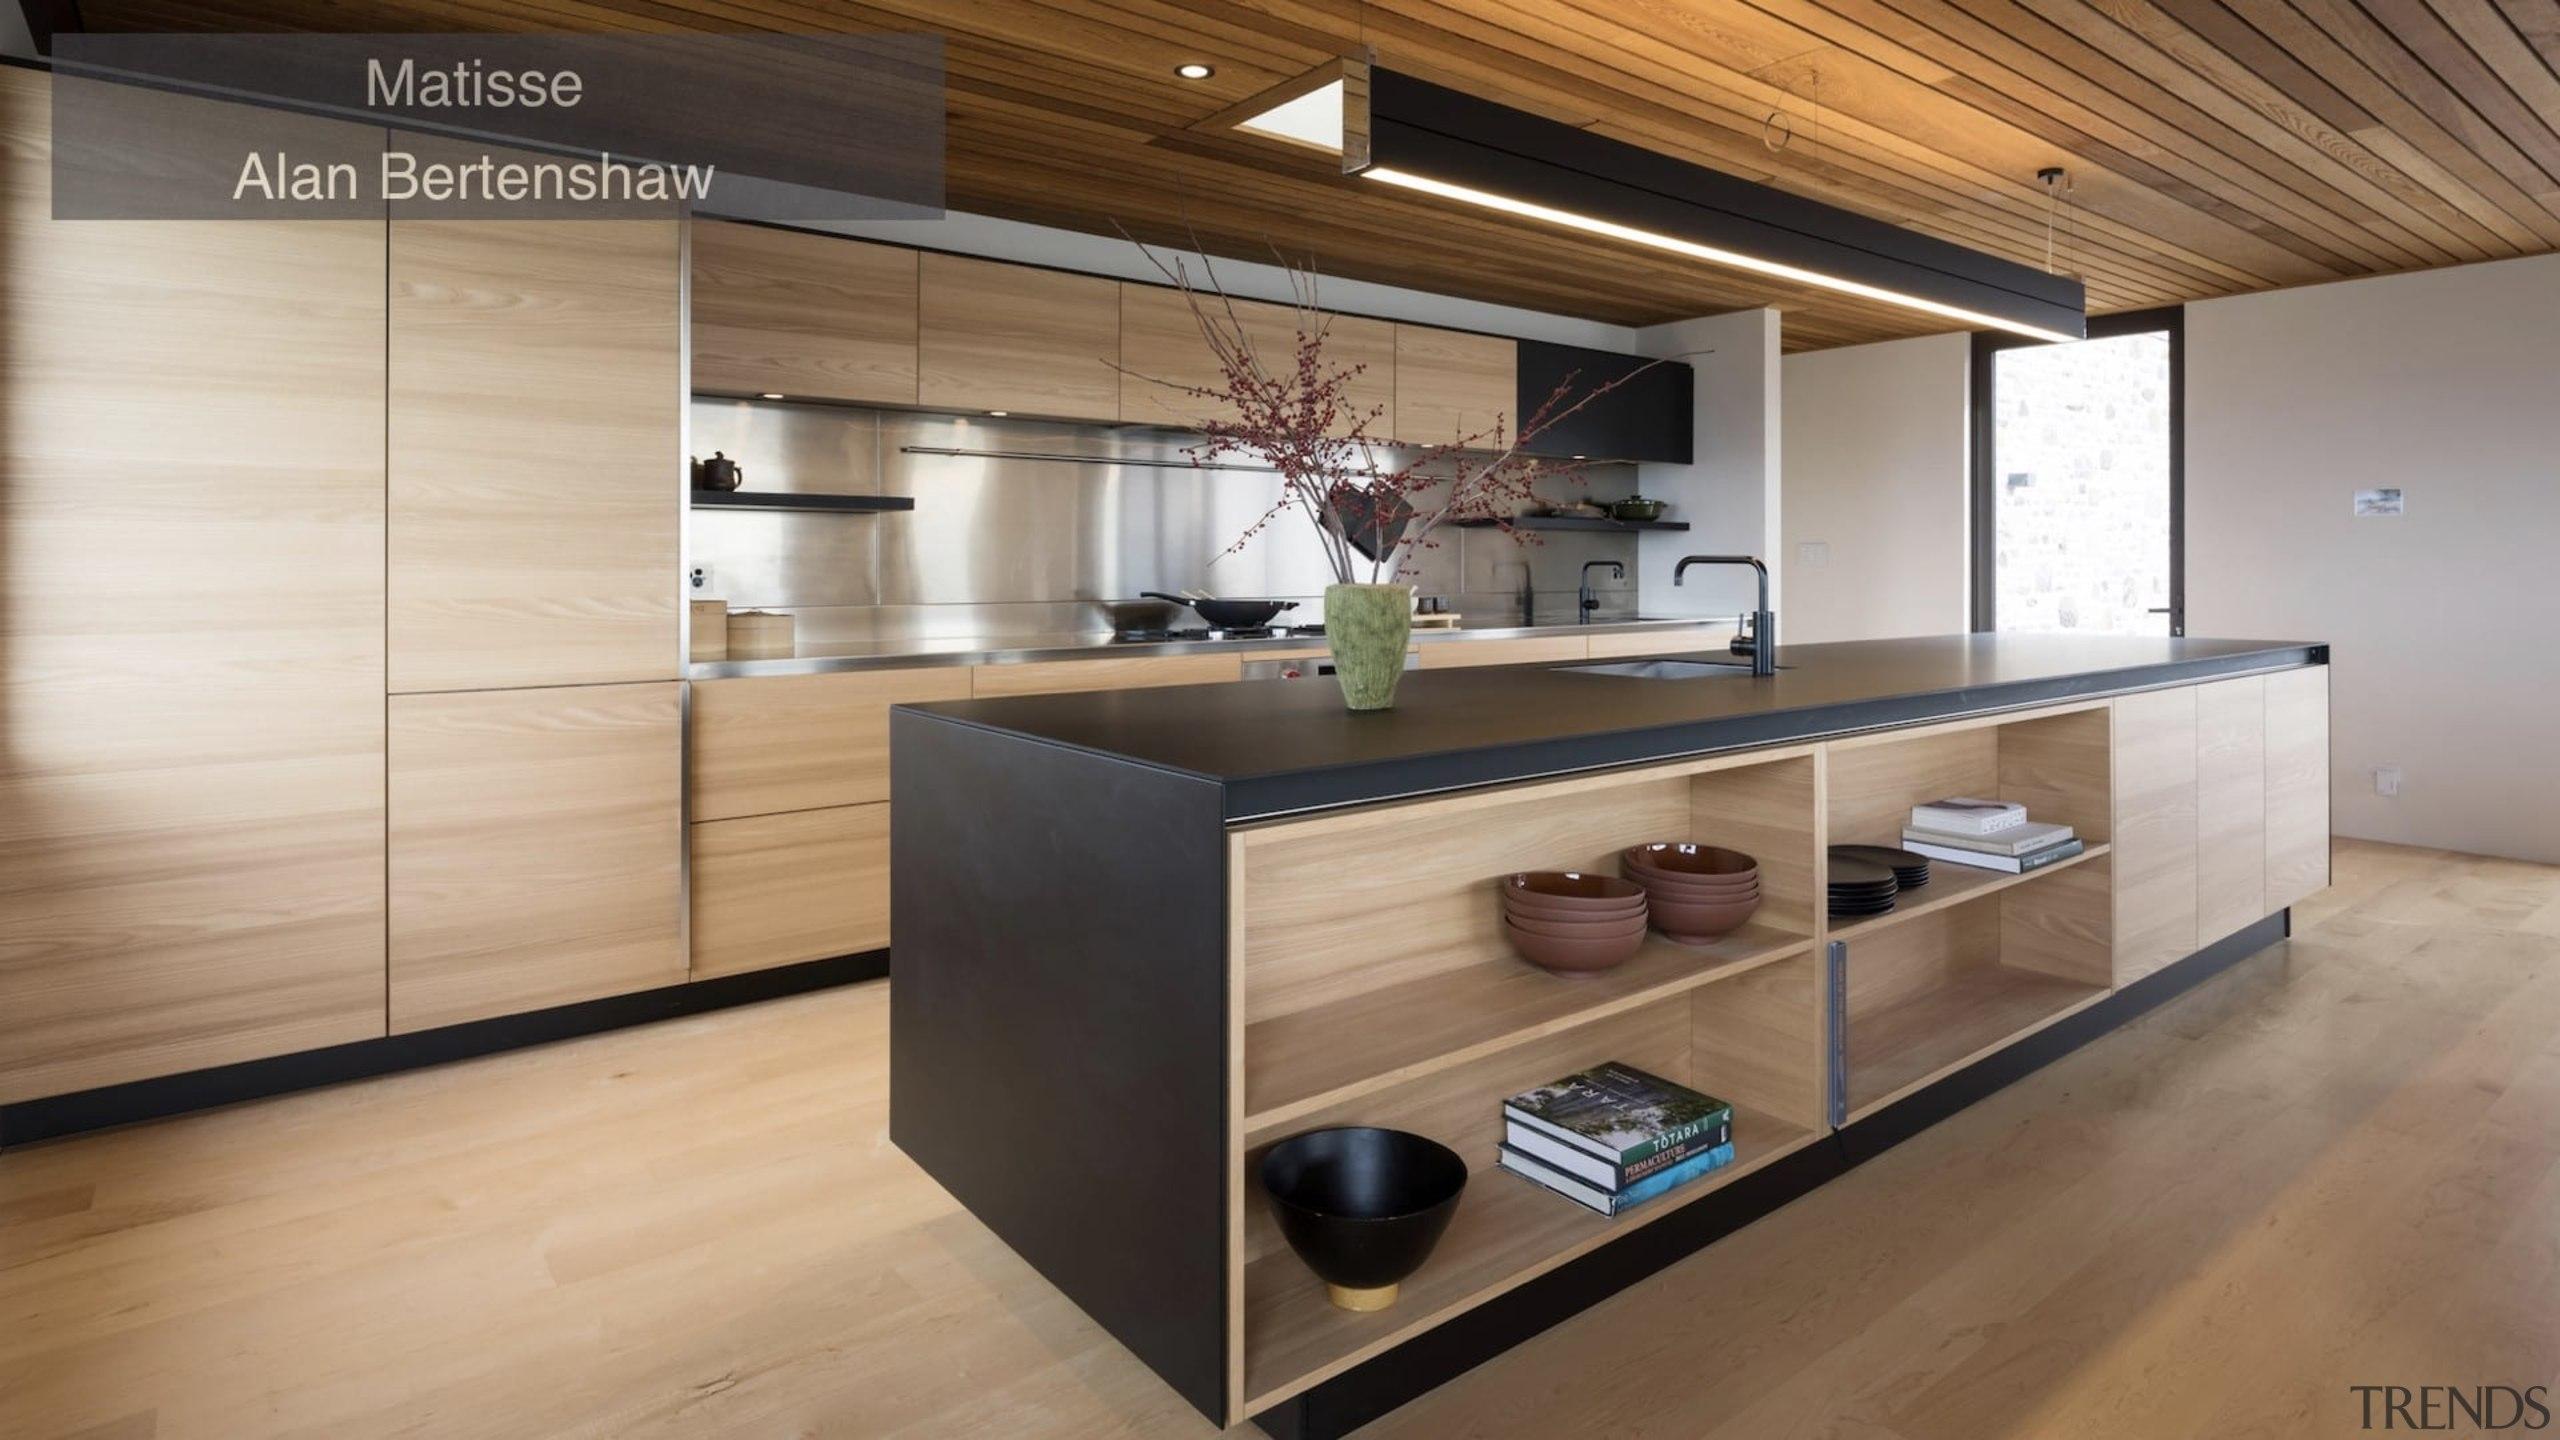 Winner – Matisse Alan Bertshaw – Tida New cabinetry, countertop, floor, flooring, hardwood, interior design, kitchen, wood, wood flooring, gray, brown